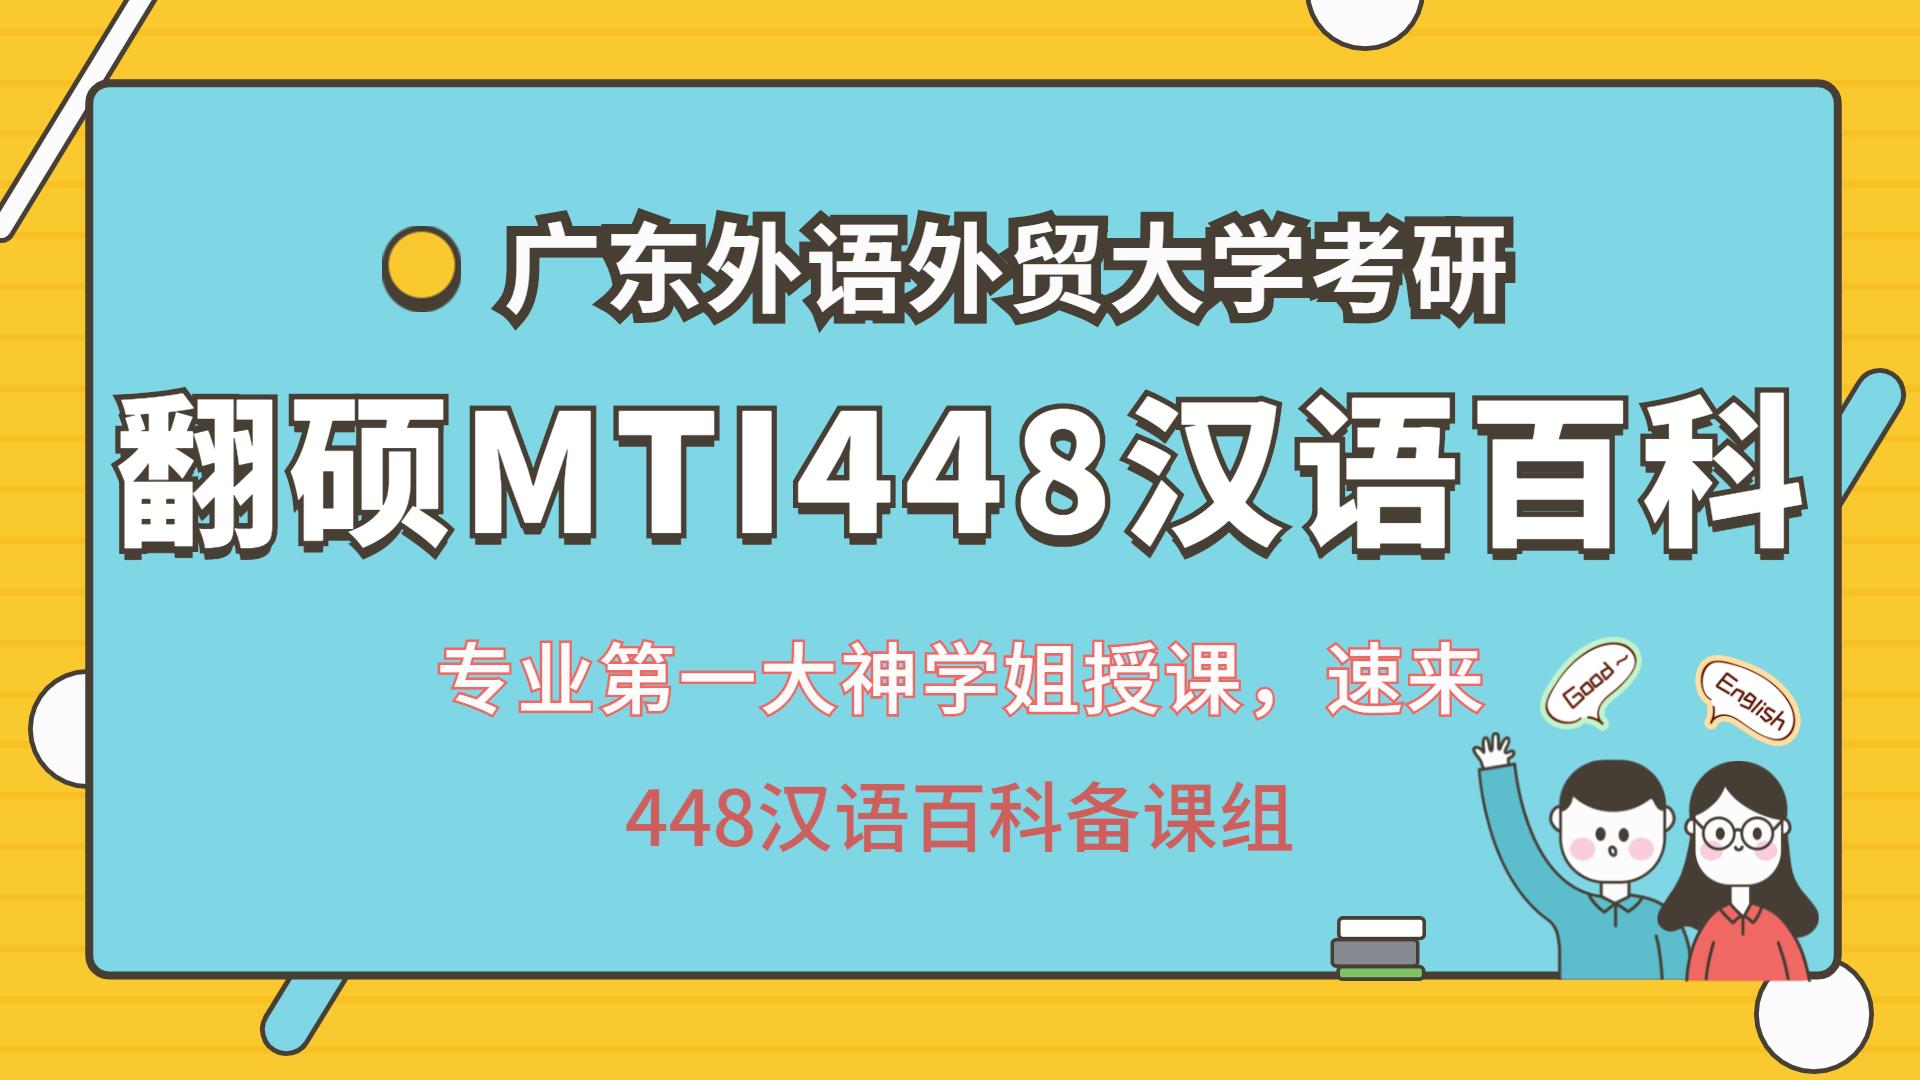 2021广外考研翻译硕士MTI448汉语写作与百科知识基础班